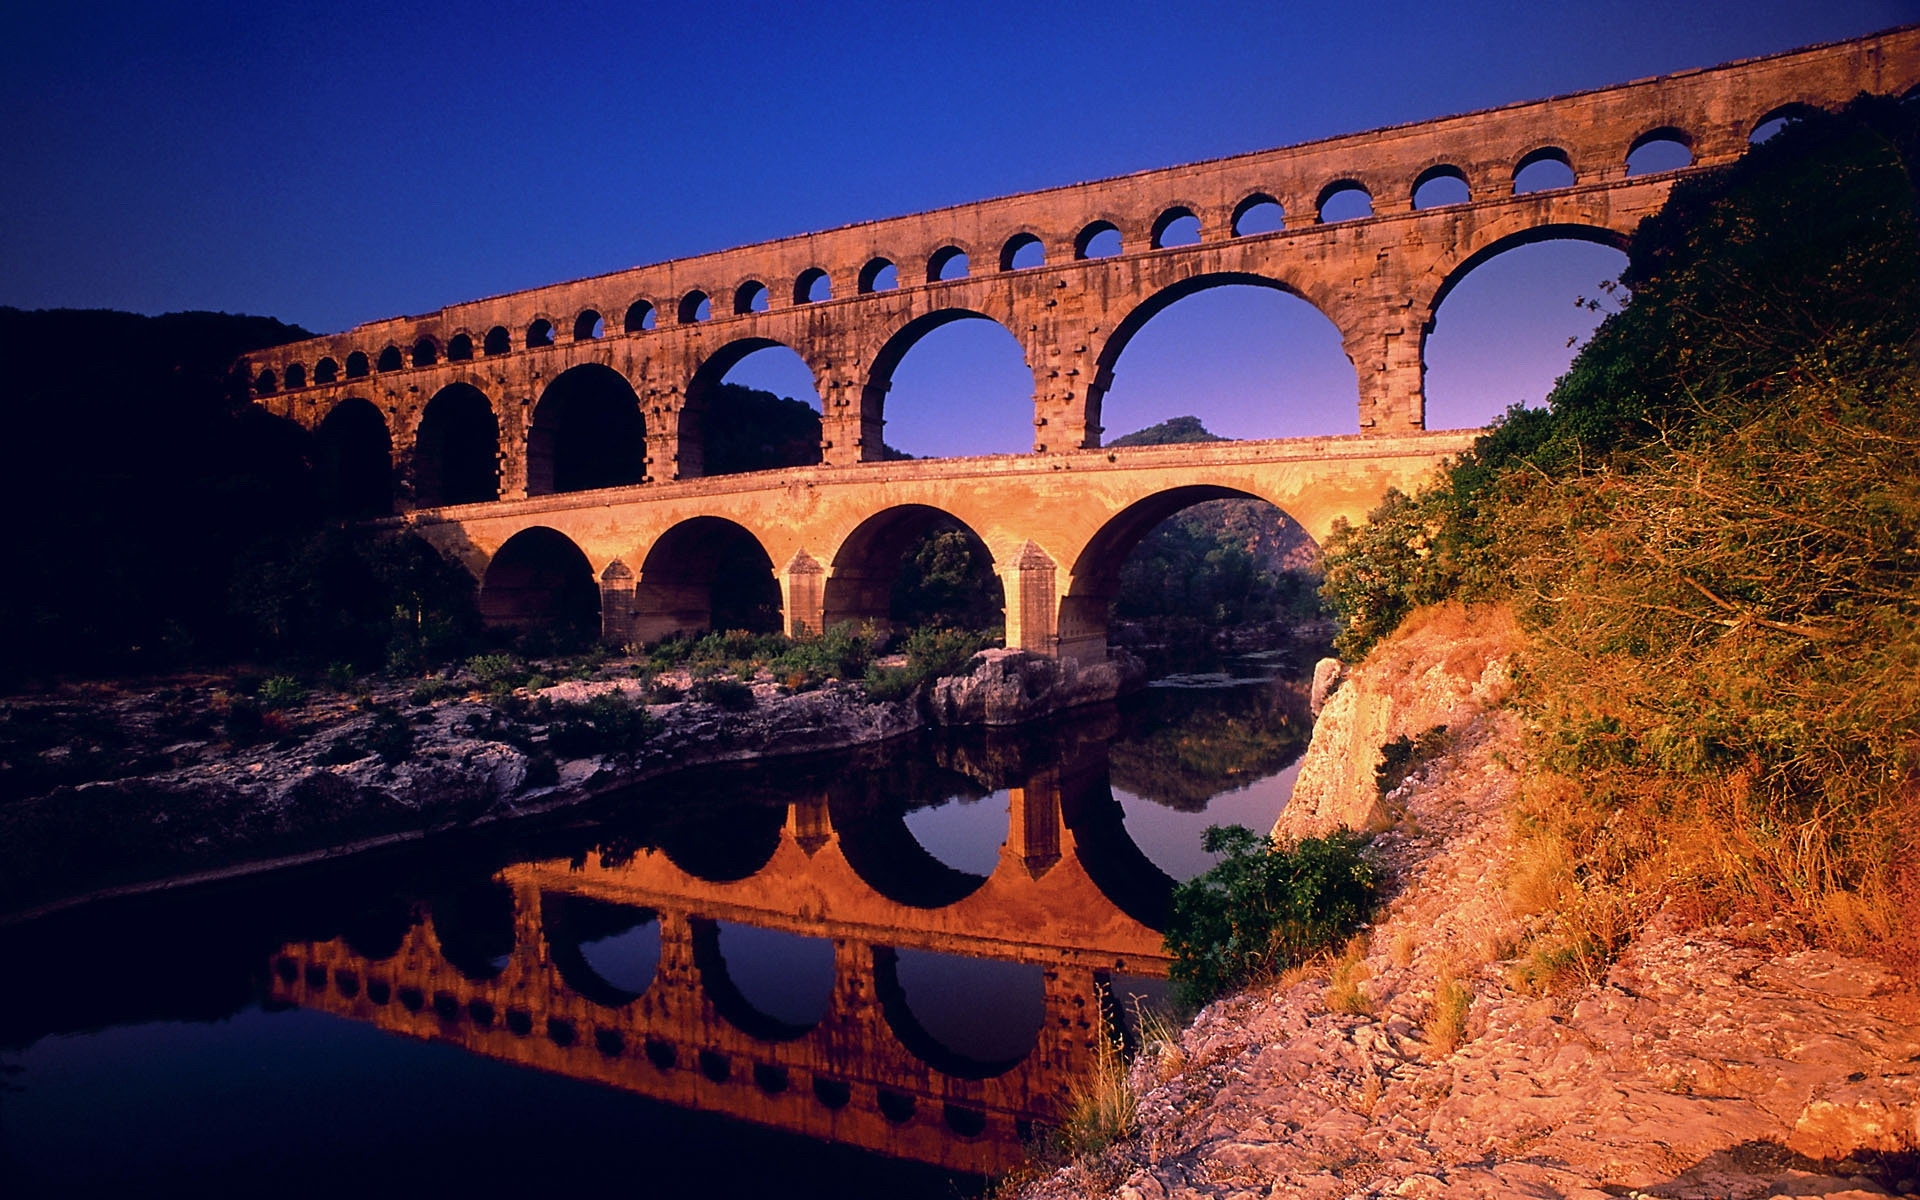 29196 скачать обои Пейзаж, Мосты, Архитектура - заставки и картинки бесплатно